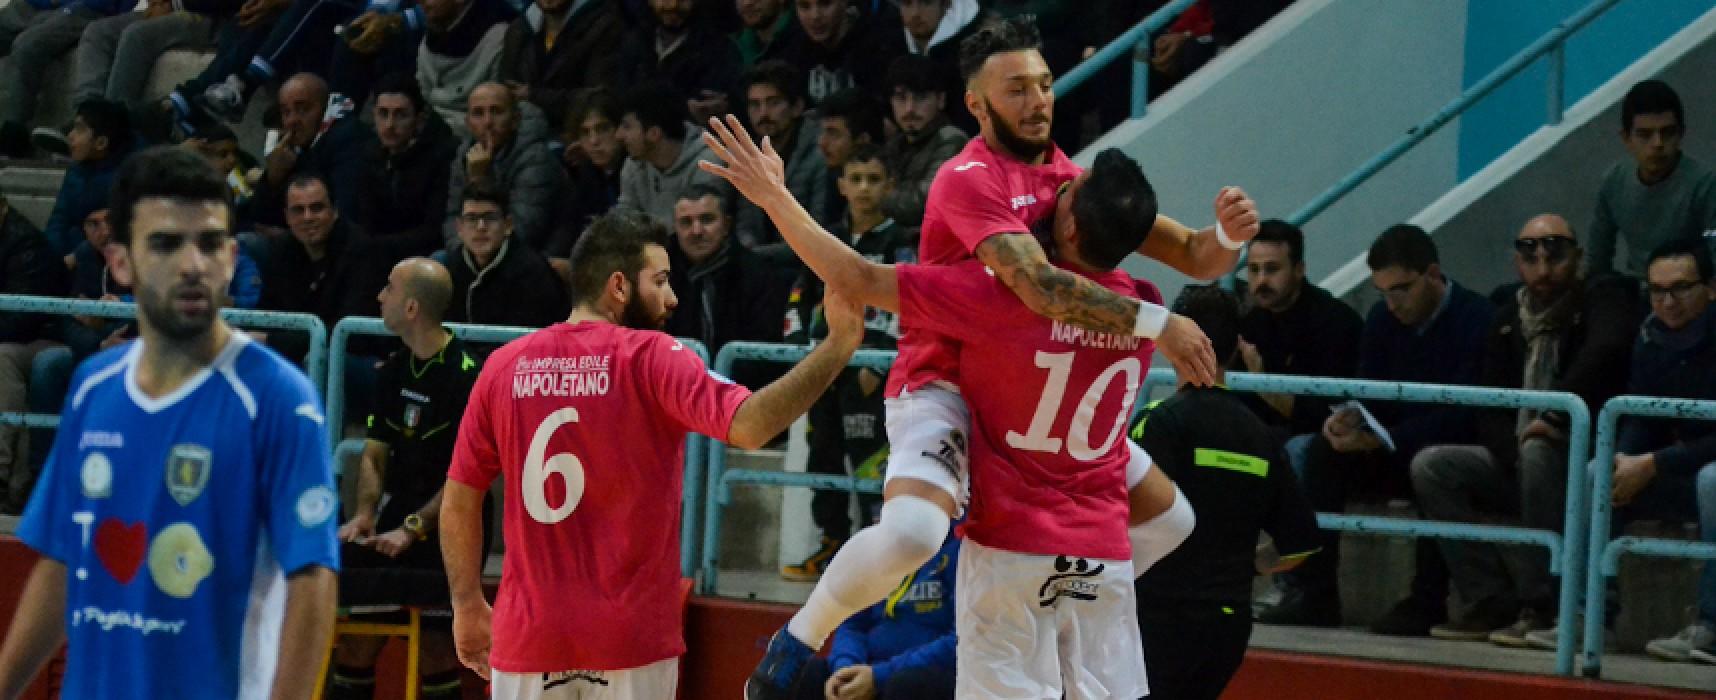 Futsal Bisceglie campione d'inverno: 7-3 al Conversano